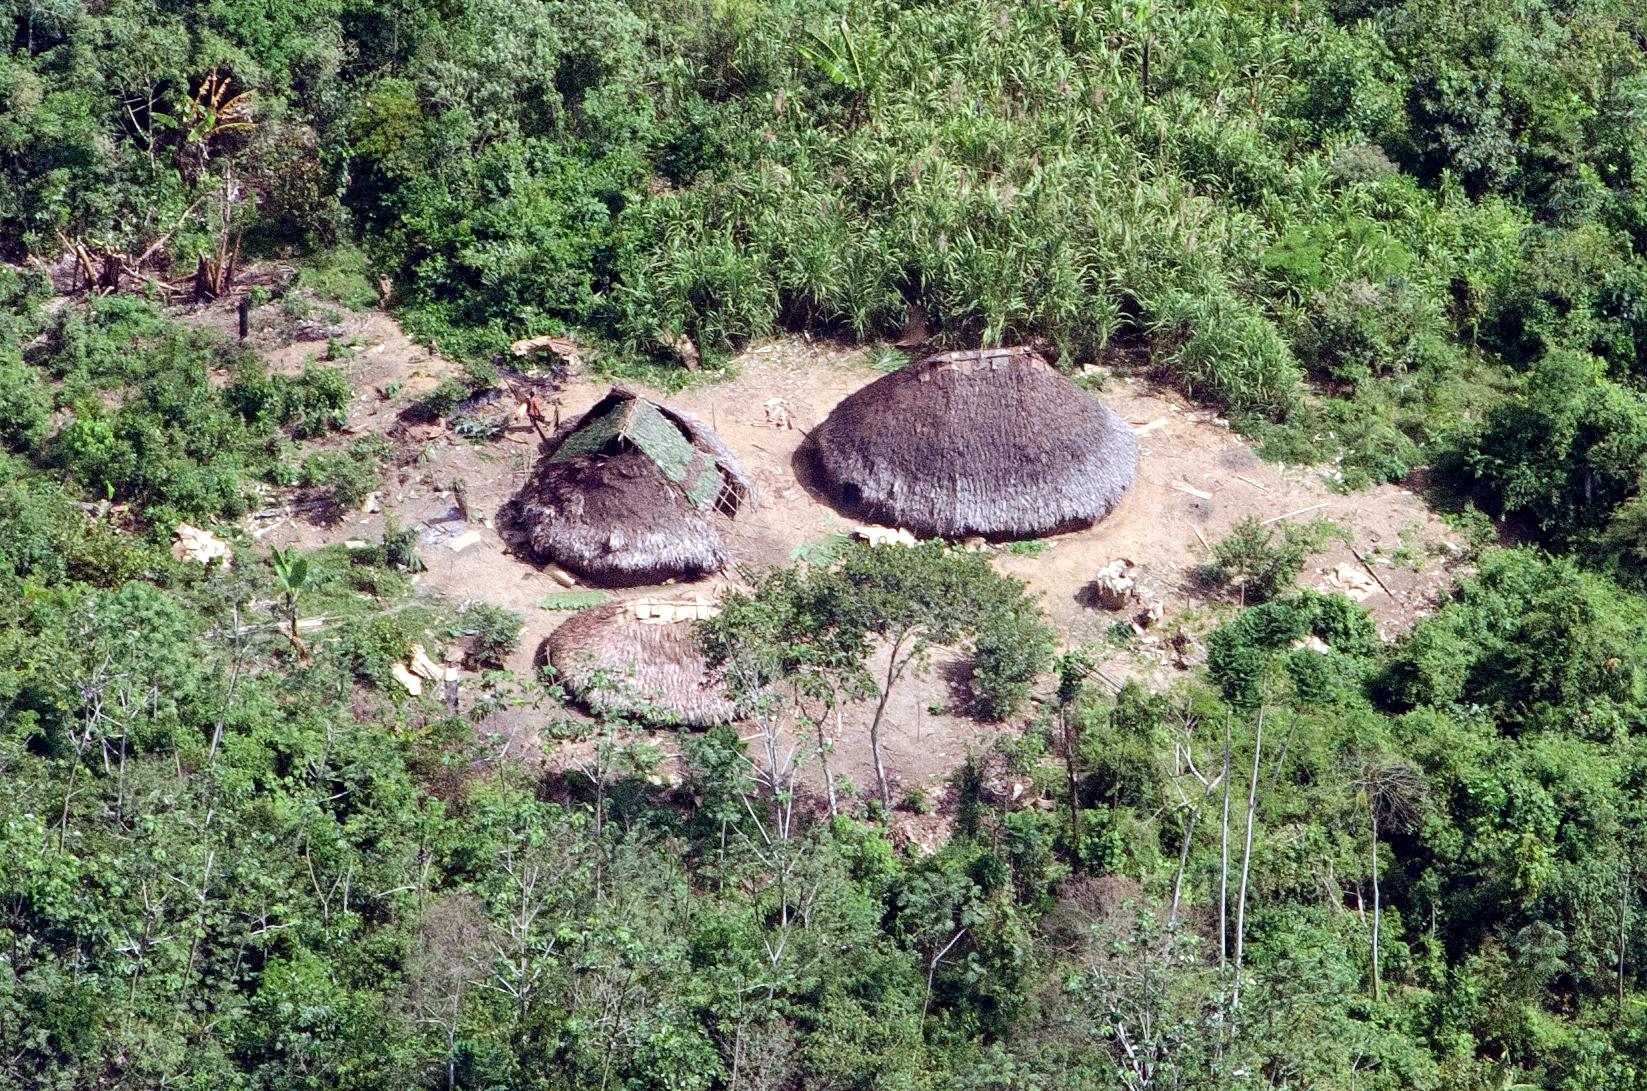 A világtól elzárt amazóniai indián törzs területén járt egy amerikai misszionárius, halálos veszélybe sodorva ezzel őket